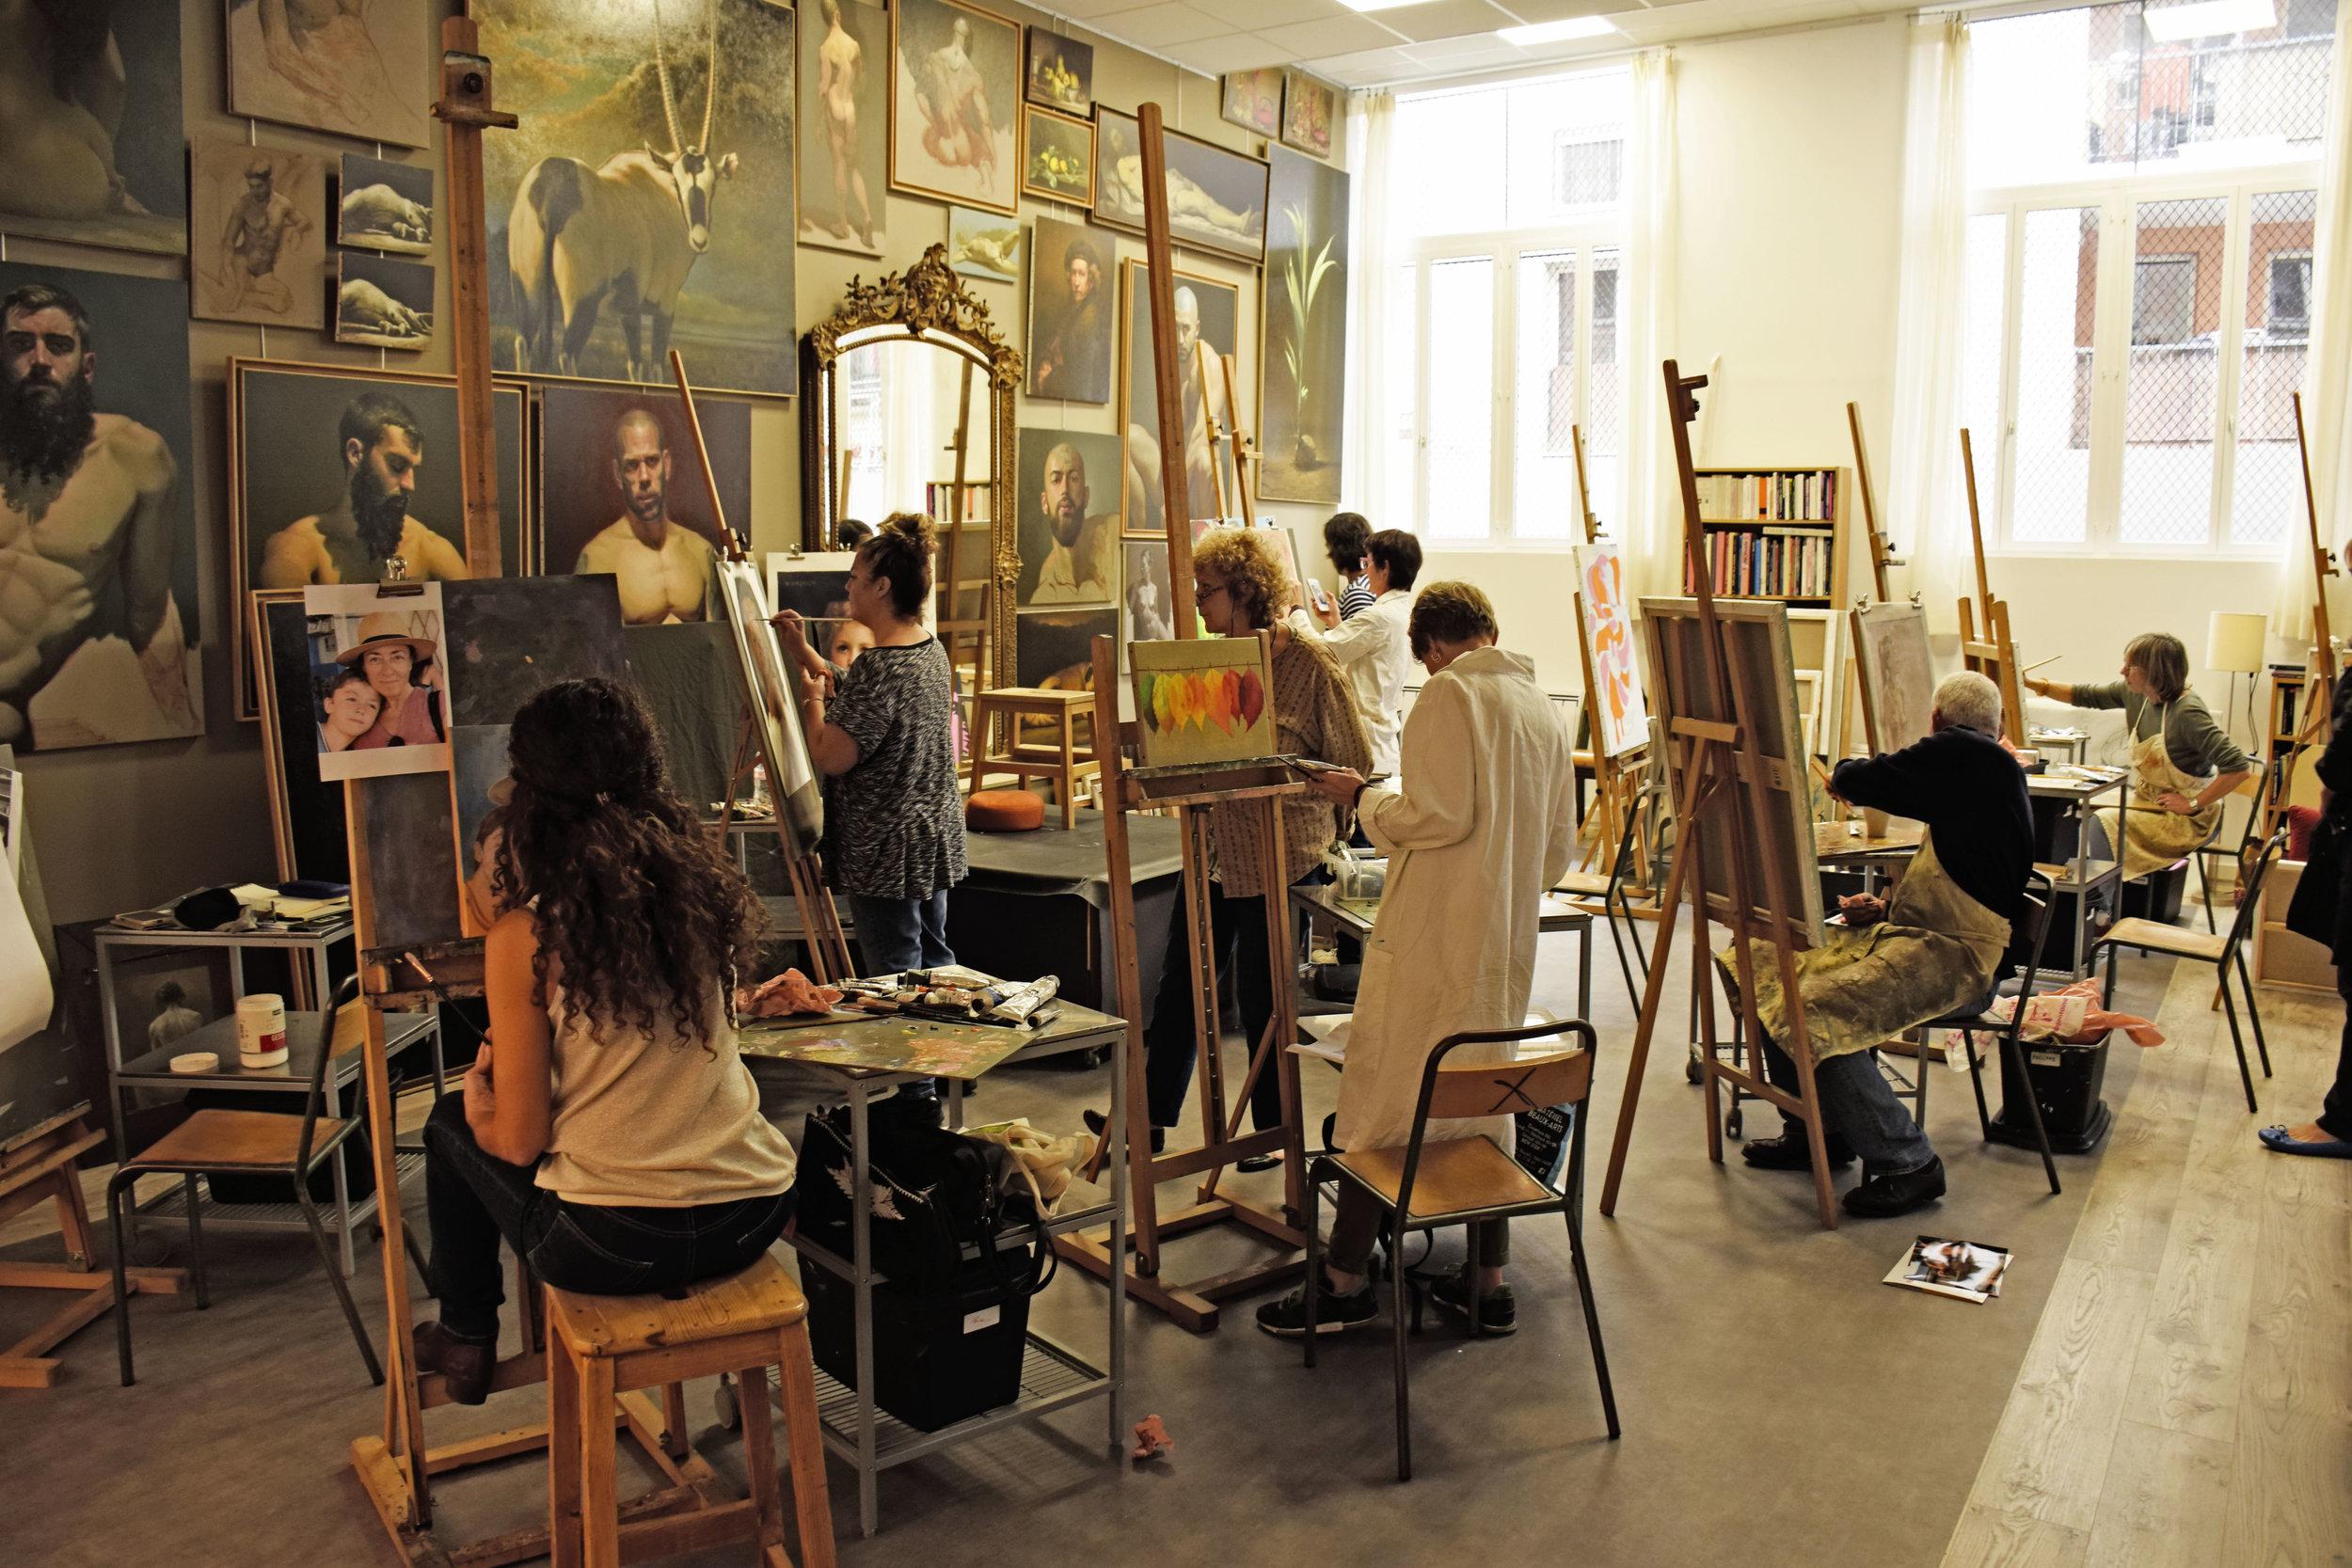 atelier-cours-dessin-peinture-academy-art-paris-montreuil-vincennes-fontenay-sous-bois.jpg